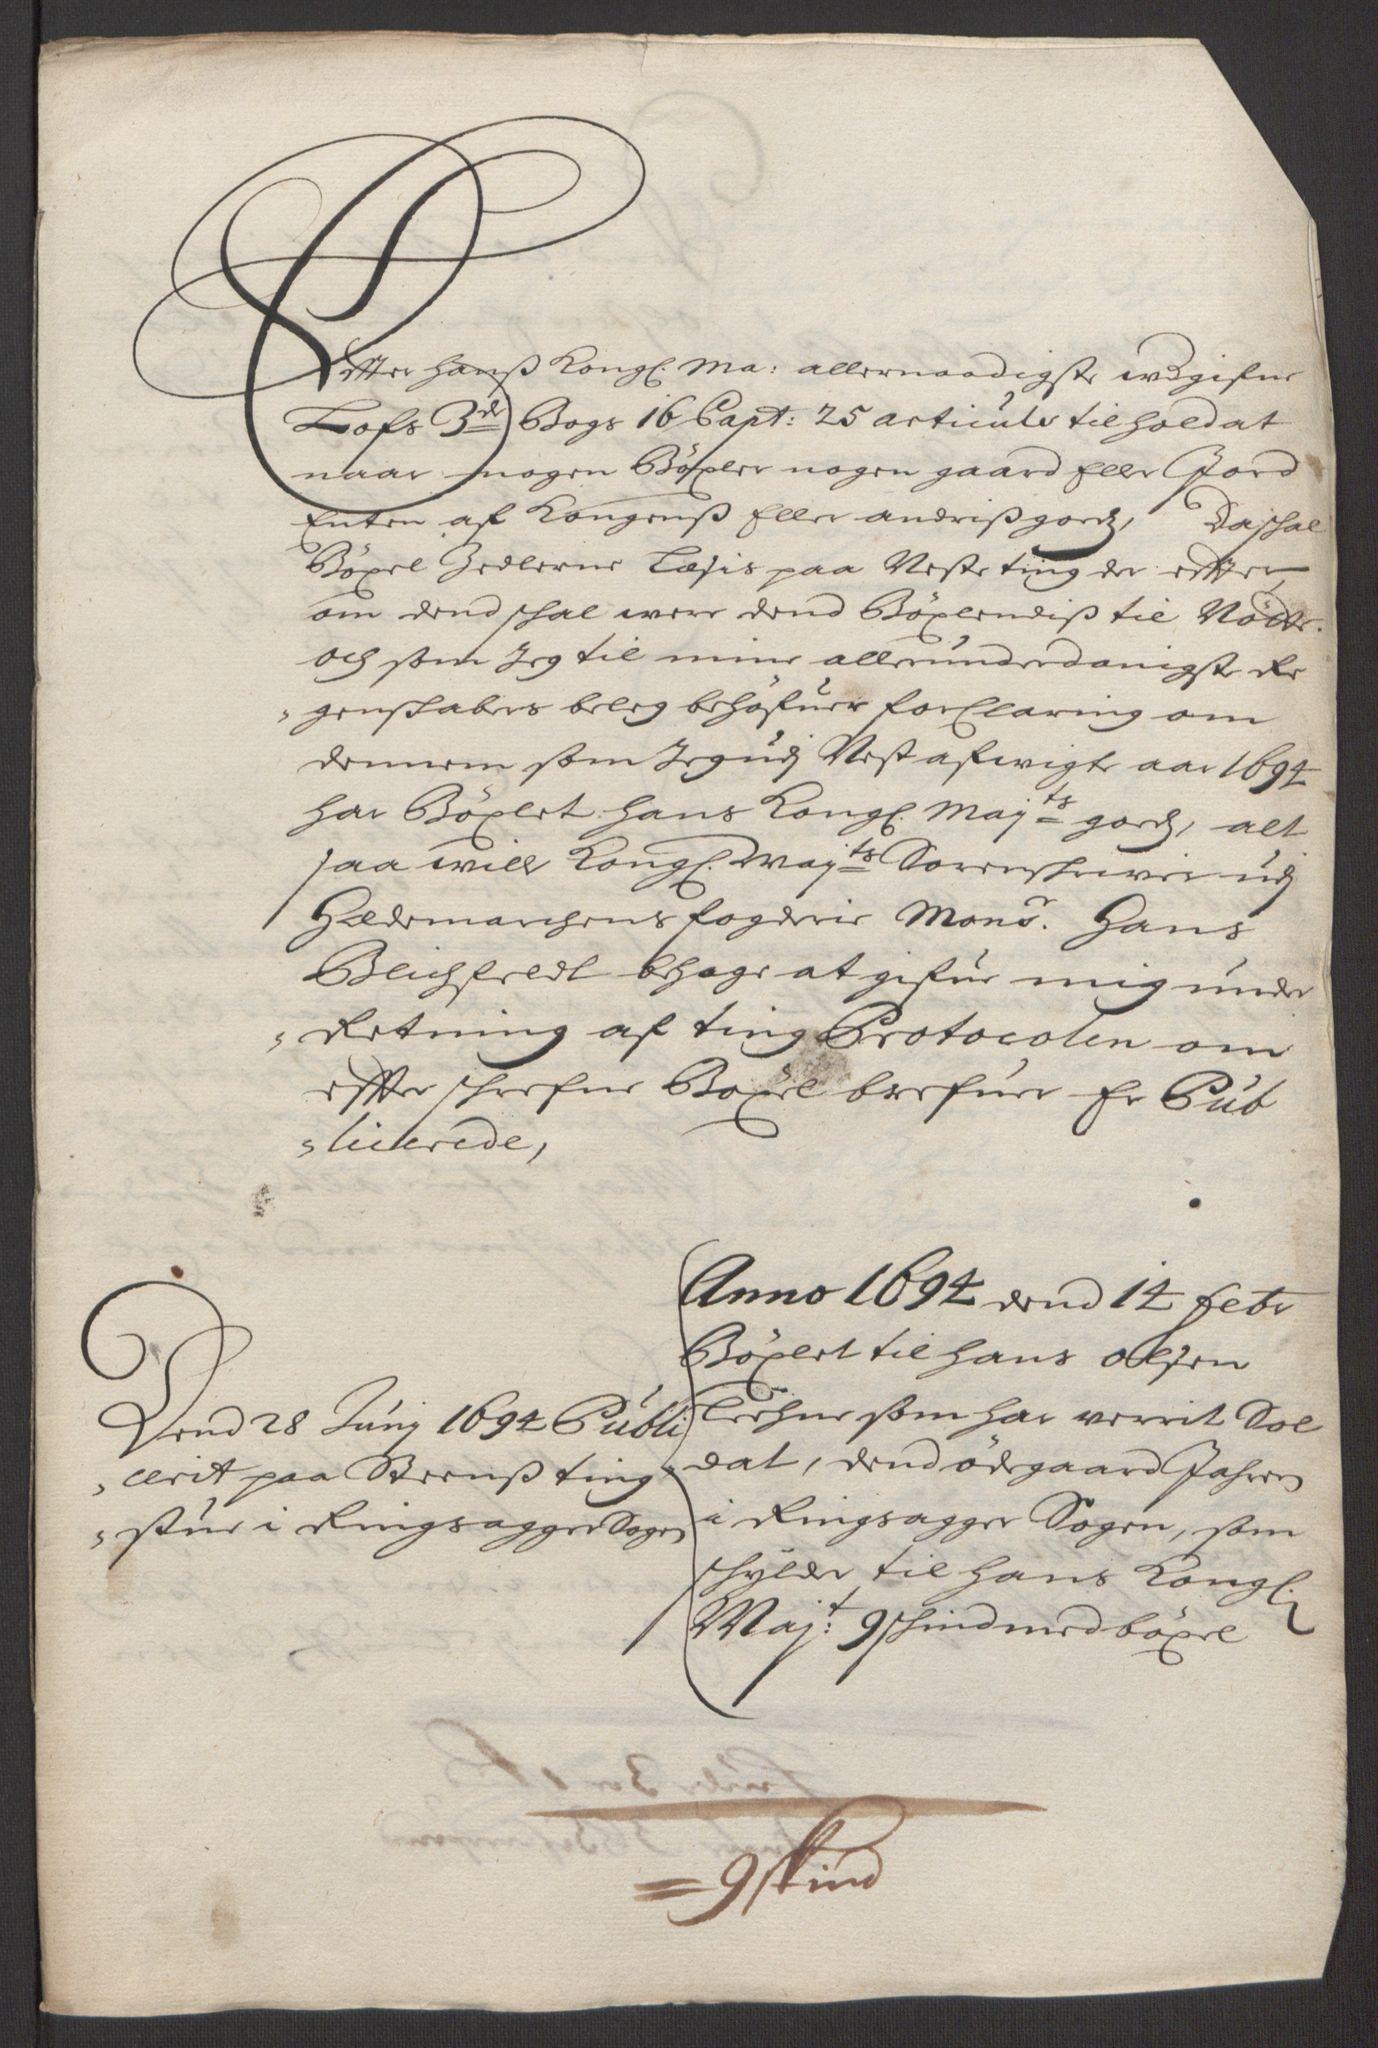 RA, Rentekammeret inntil 1814, Reviderte regnskaper, Fogderegnskap, R16/L1035: Fogderegnskap Hedmark, 1694, s. 66